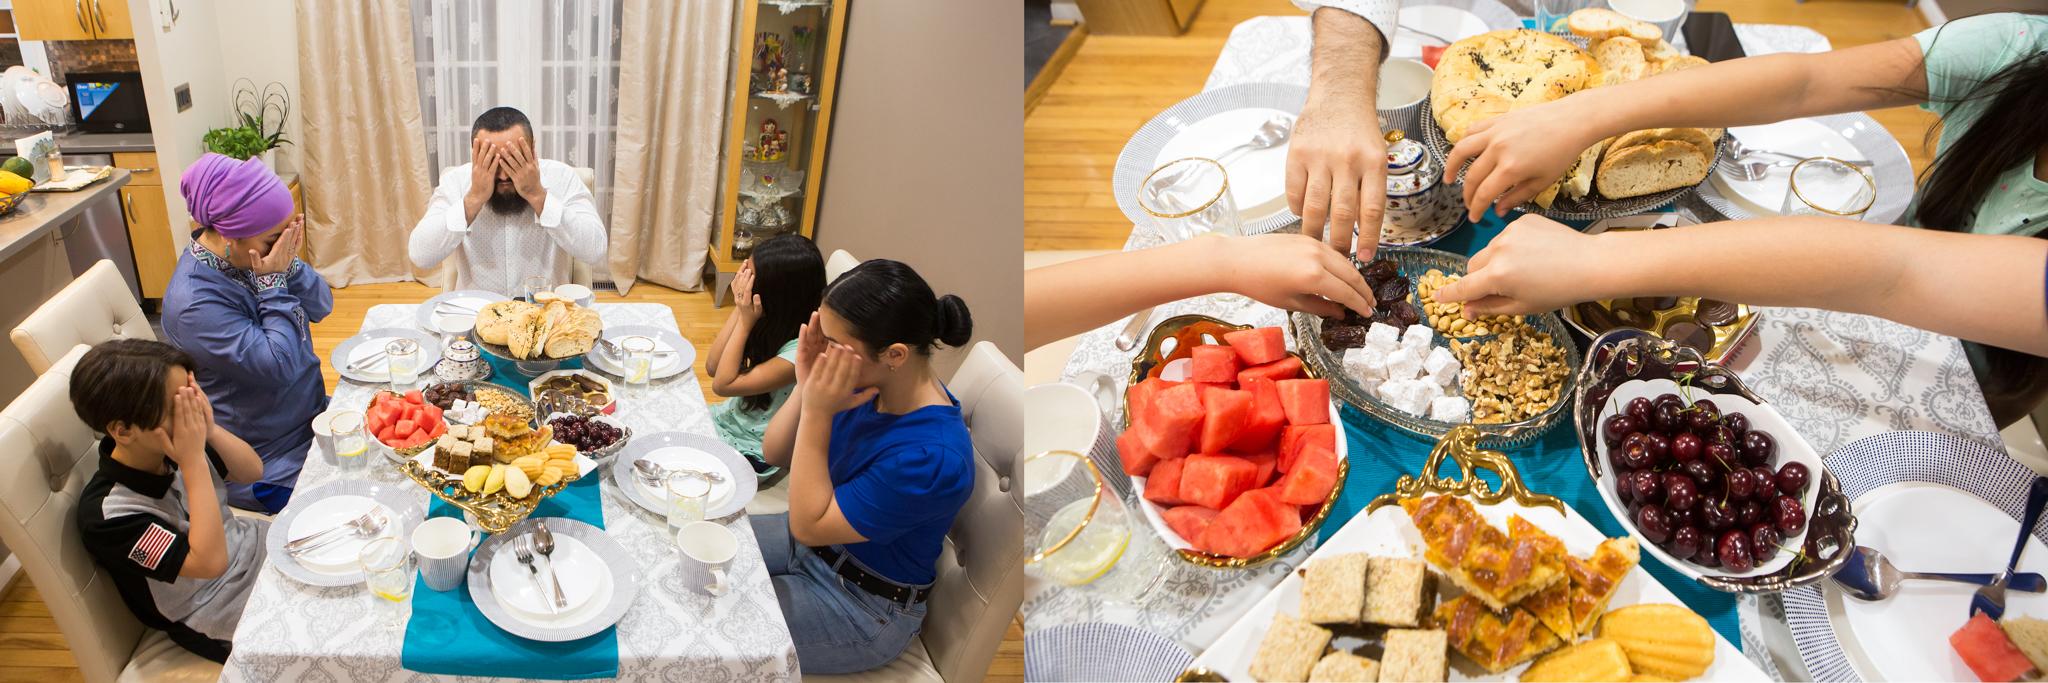 Di sebelah kiri, satu keluarga berdoa di meja makan. Di sebelah kanan, orang-orang mengulurkan tangan ke mangkuk-mangkuk makanan (Departemen Luar Negeri/D.A. Peterson